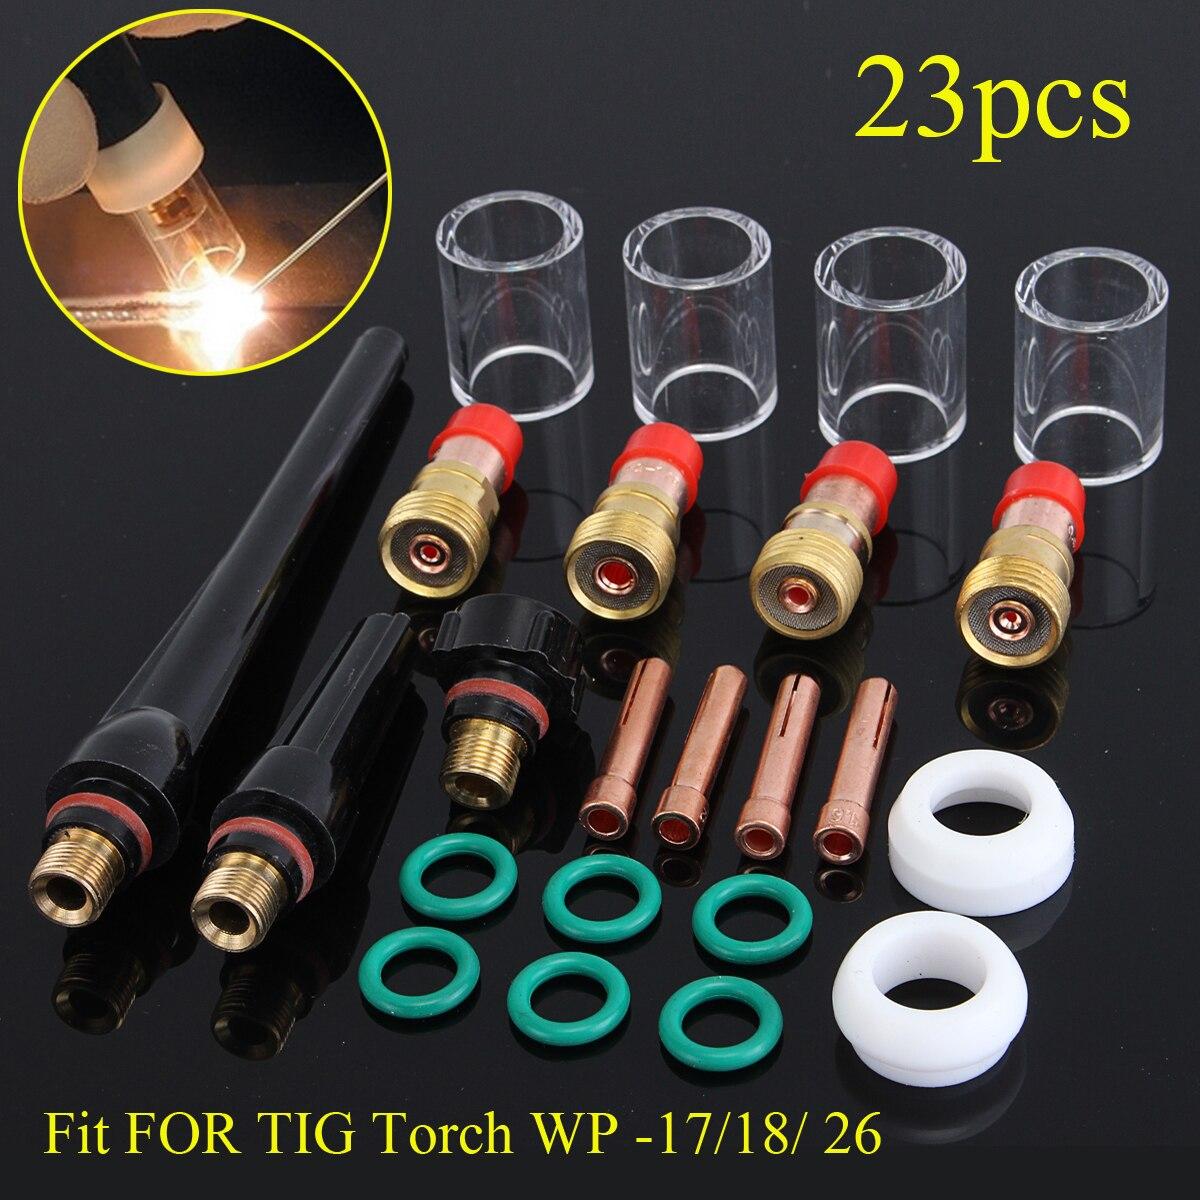 49Pcs TIG soudage Stubby gaz Lentille #10 PYREX Cup Kit pour Tig WP-17//18//26 Torche